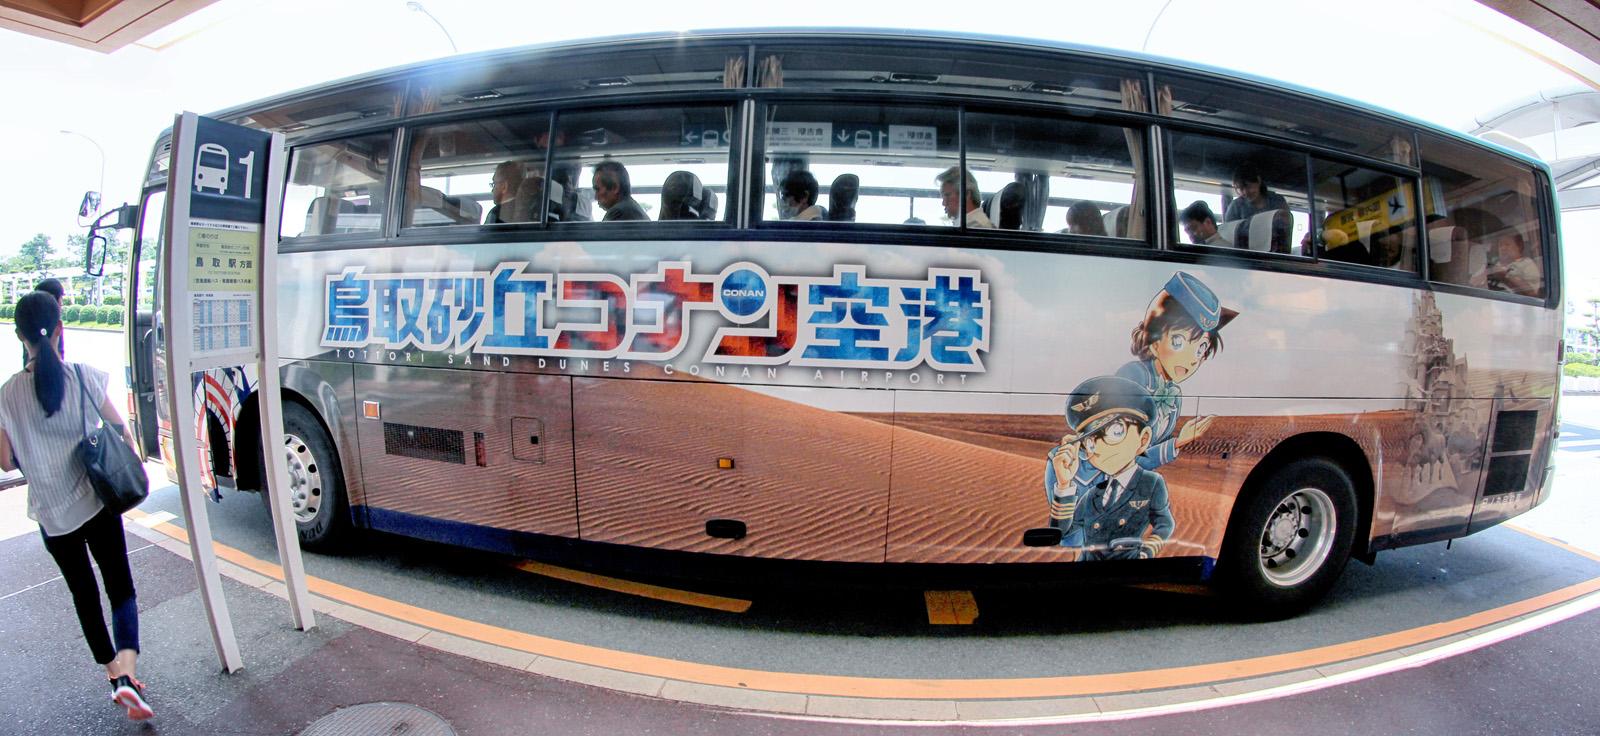 TOTTORI - SAND & BUILT-UP   CHUGOKU+SHIKOKU×TOKYO (JAPAN)